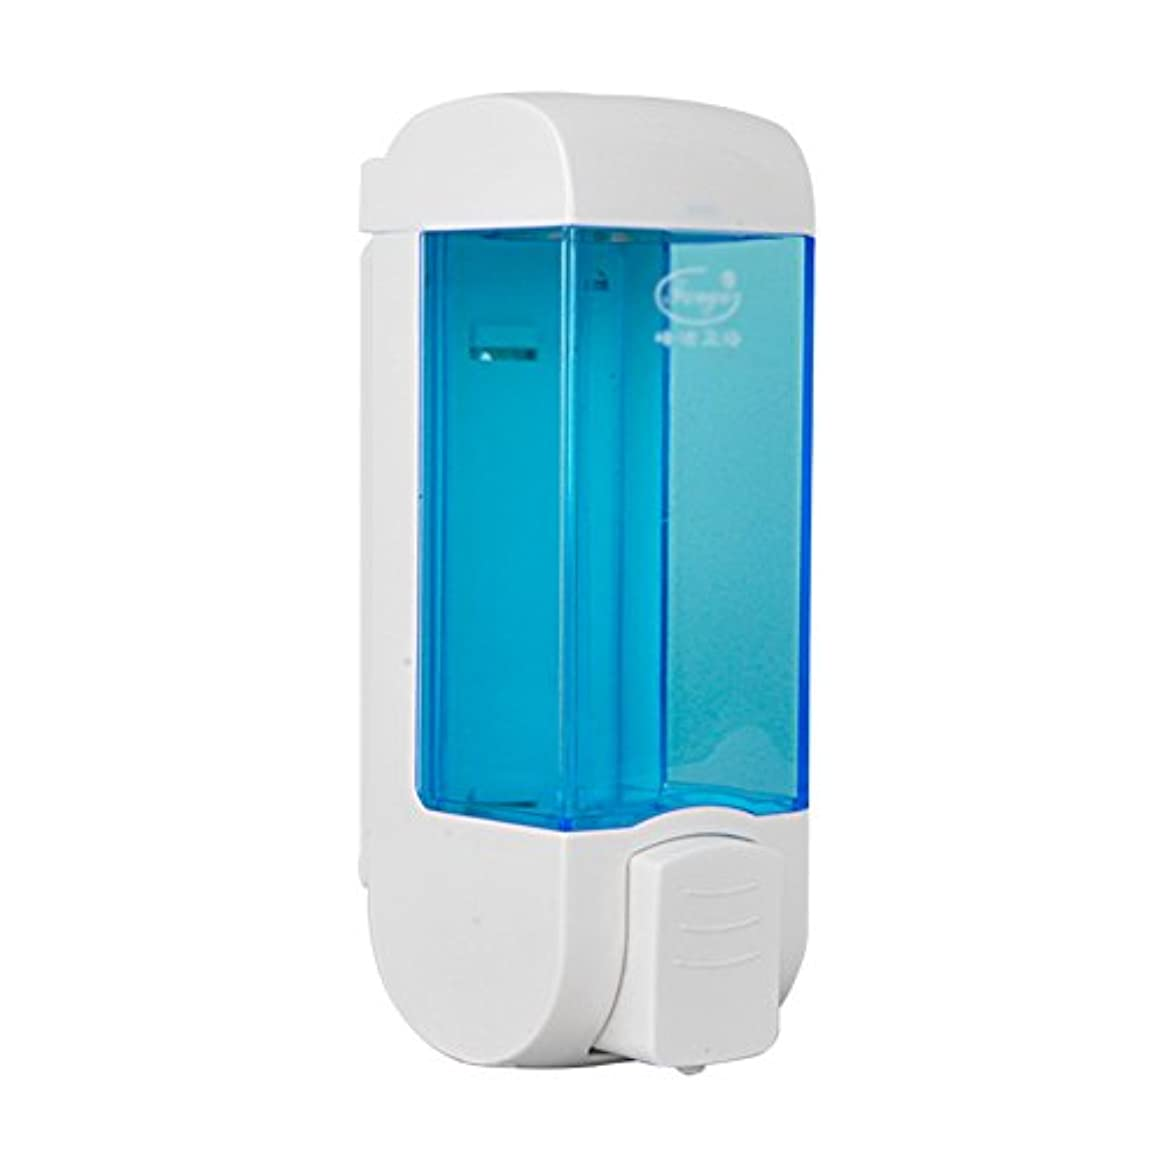 チャート引き渡す魔術師ZEMIN ソープディスペンサー 壁掛け式 石鹸ディスペンサー 帰納的 マニュアル ポンプ 2頭 シャンプー 液体 石鹸 クリーン、 プラスチック、 青、 300ML (色 : 1)